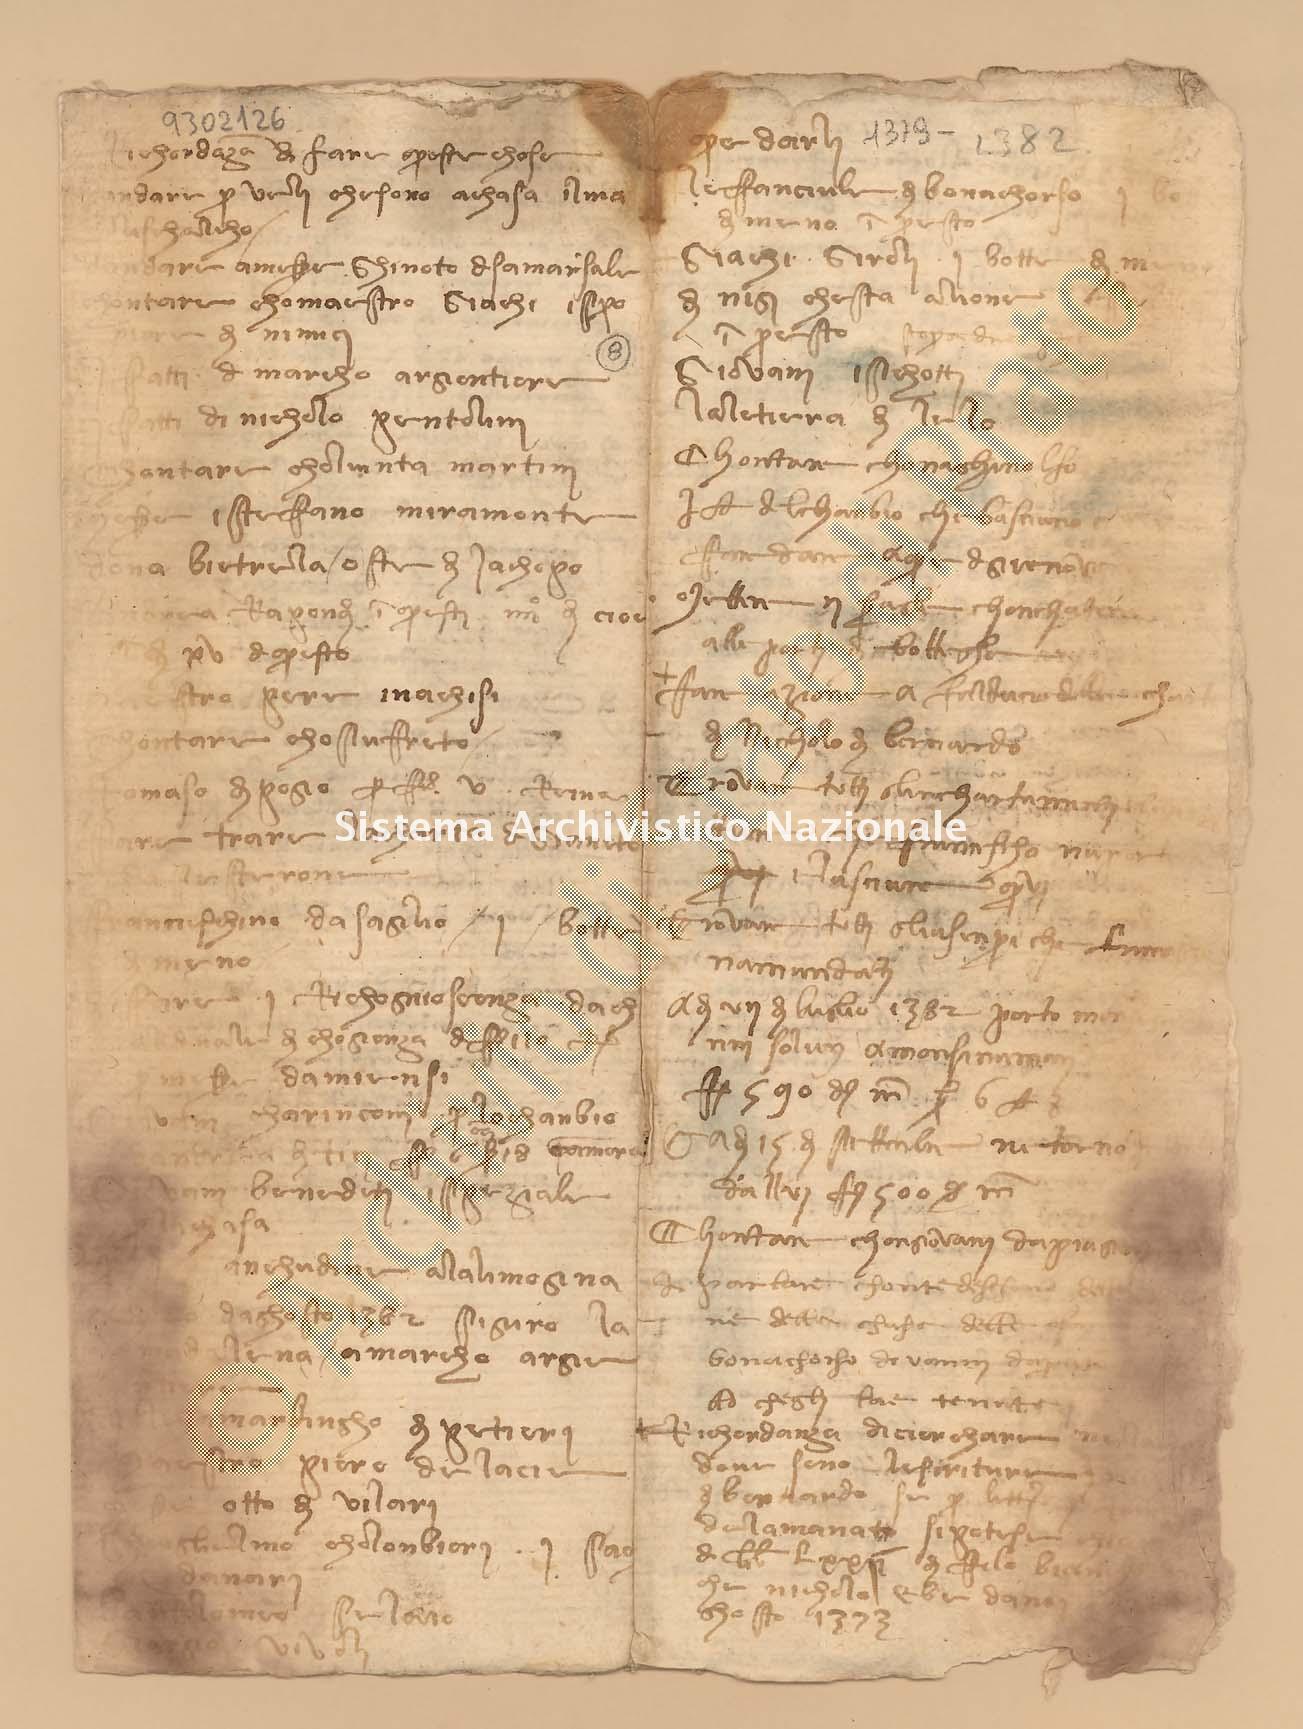 Archivio di Stato di Prato, Fondo Datini, Carteggio specializzato, Ricordanze, Busta 1166 (busta 1166, codice 9302126)